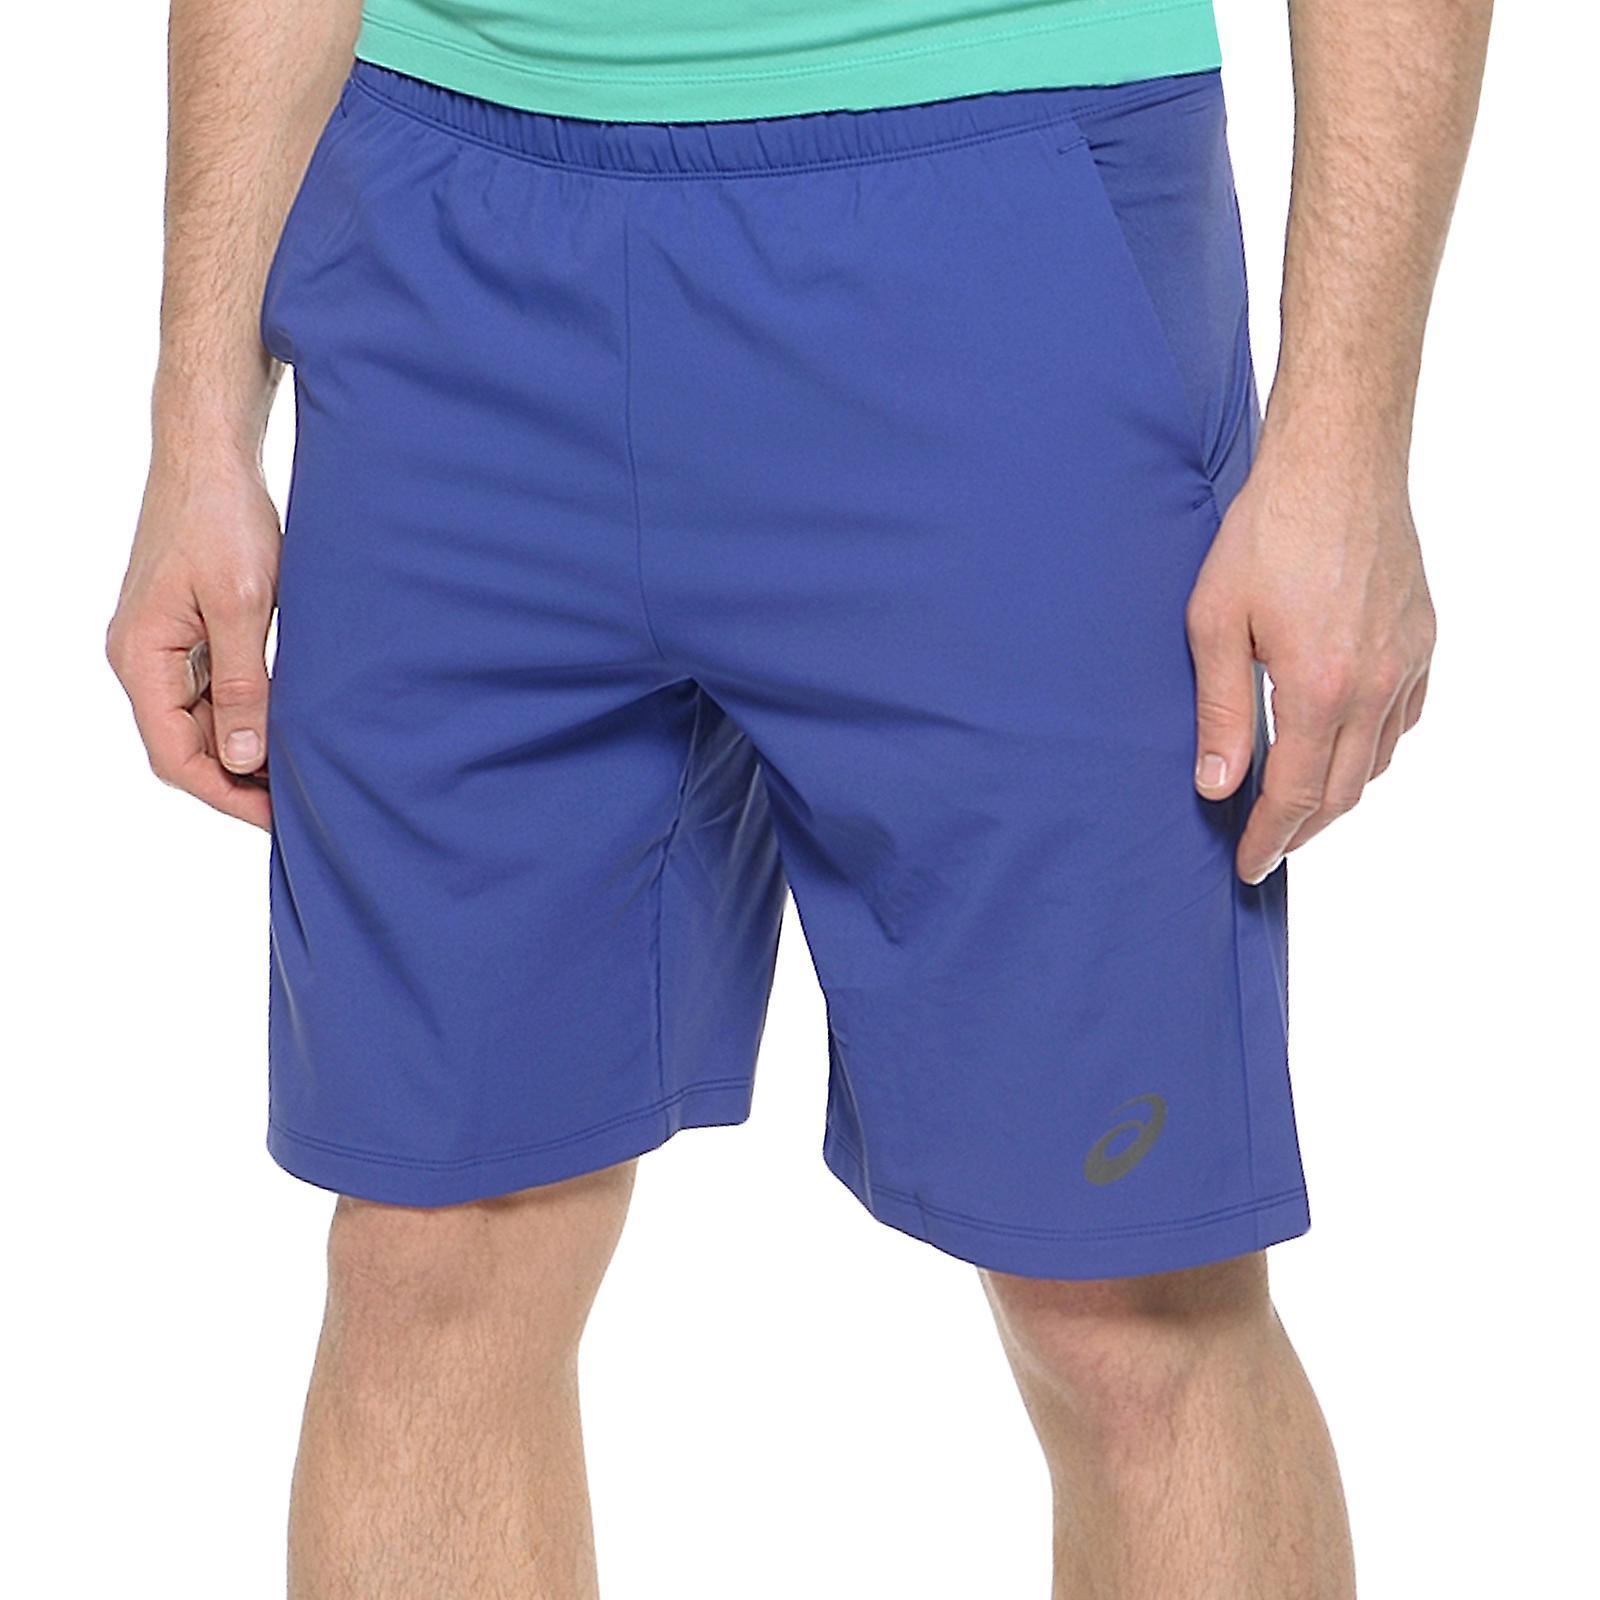 ekskluzywne buty Hurt najlepiej sprzedający się asics MotionDry Mens FuzeX 9 Inch Lightweight Running Sport Shorts